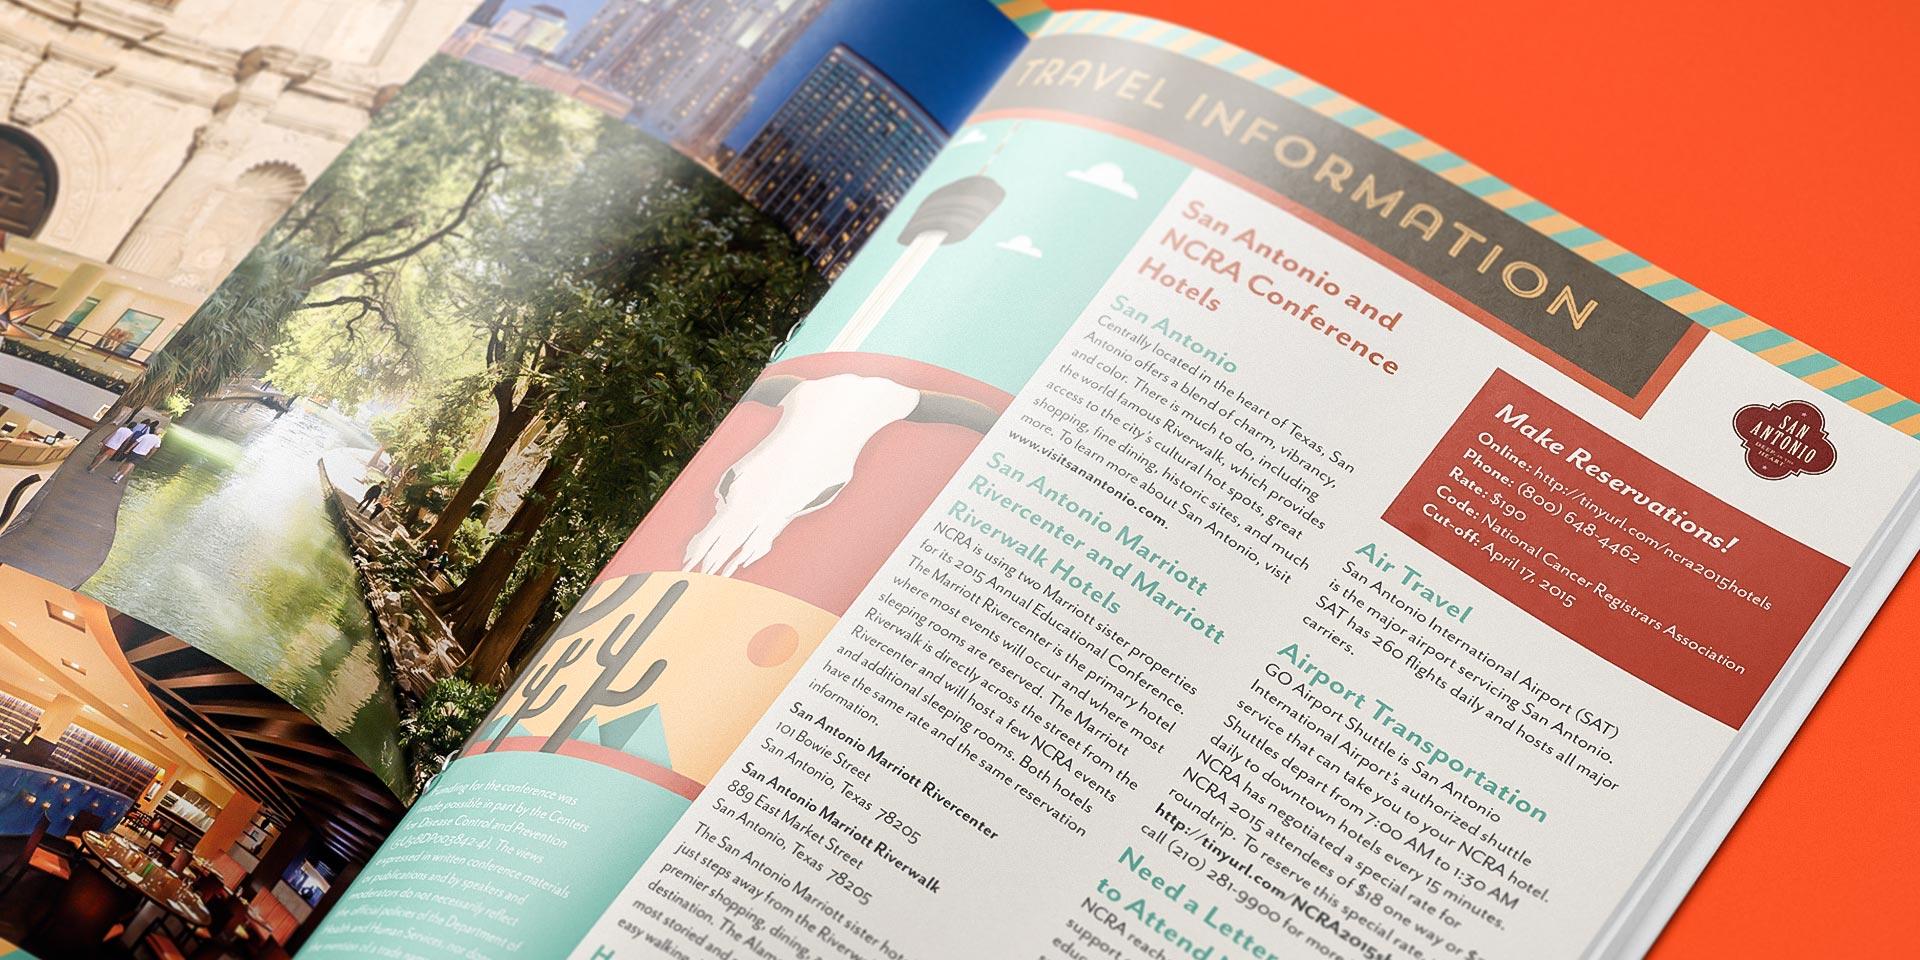 NCRA San Antonio conference brochure